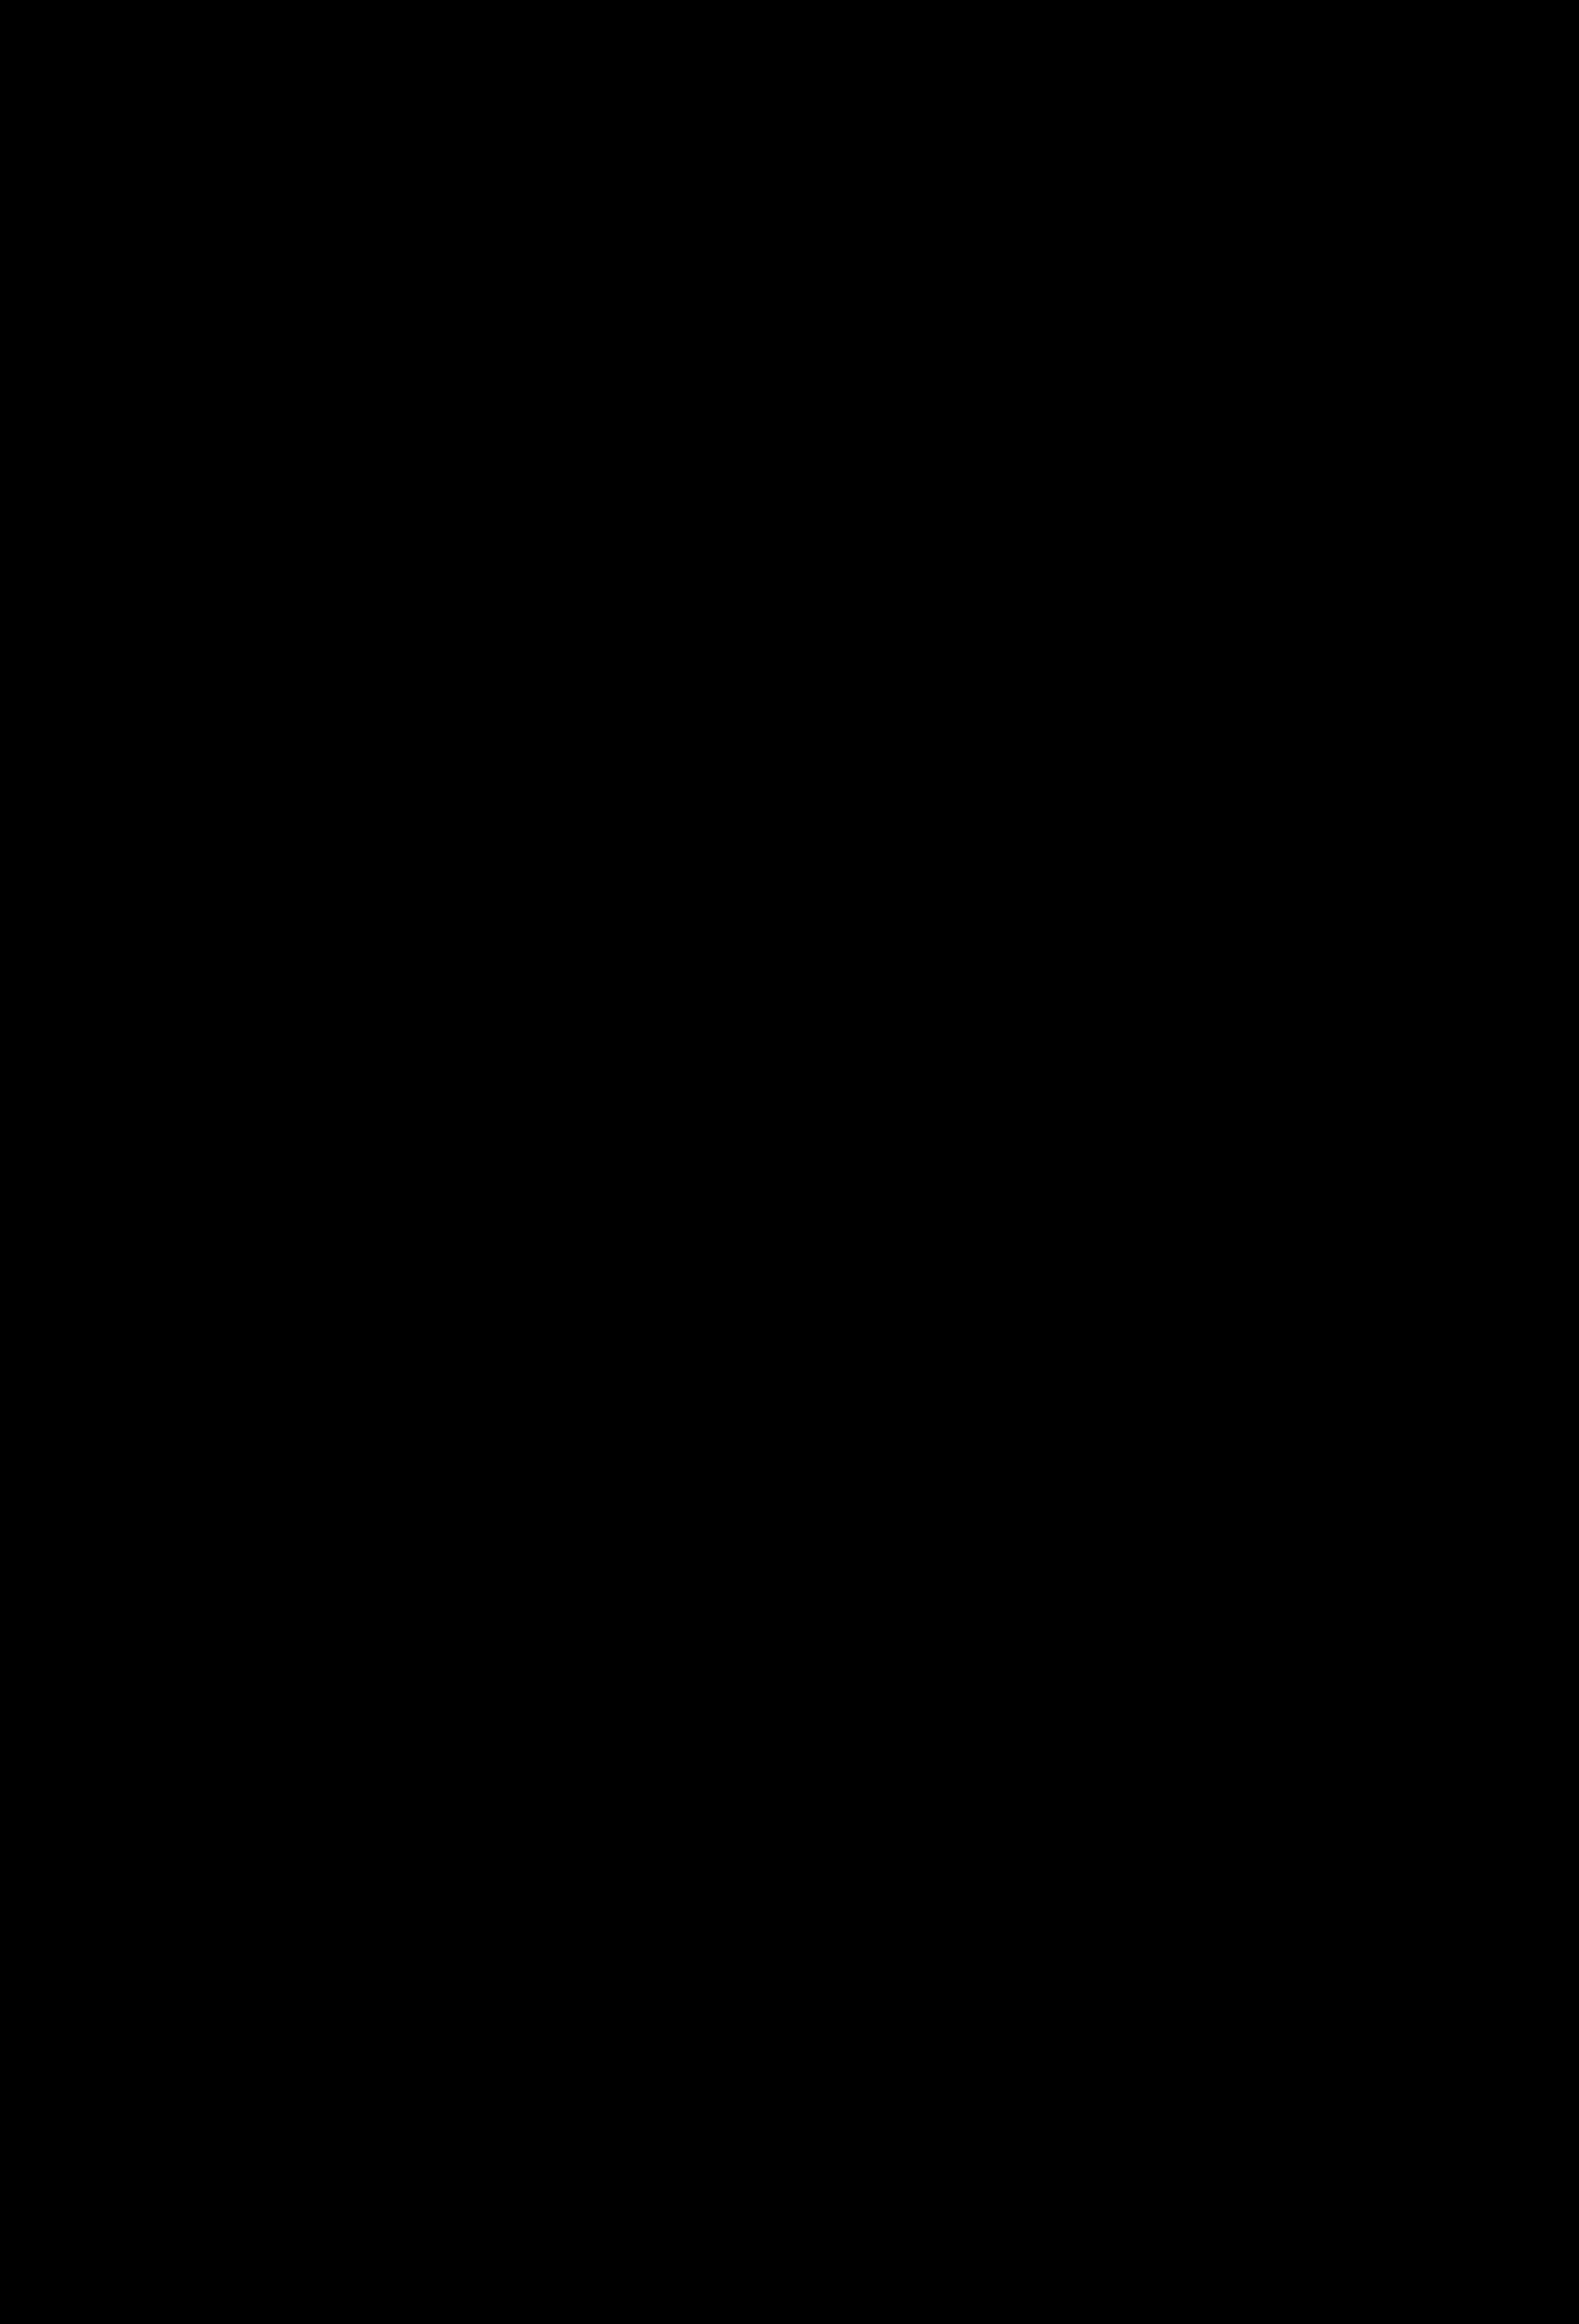 宇宙戦艦ヤマト楽譜